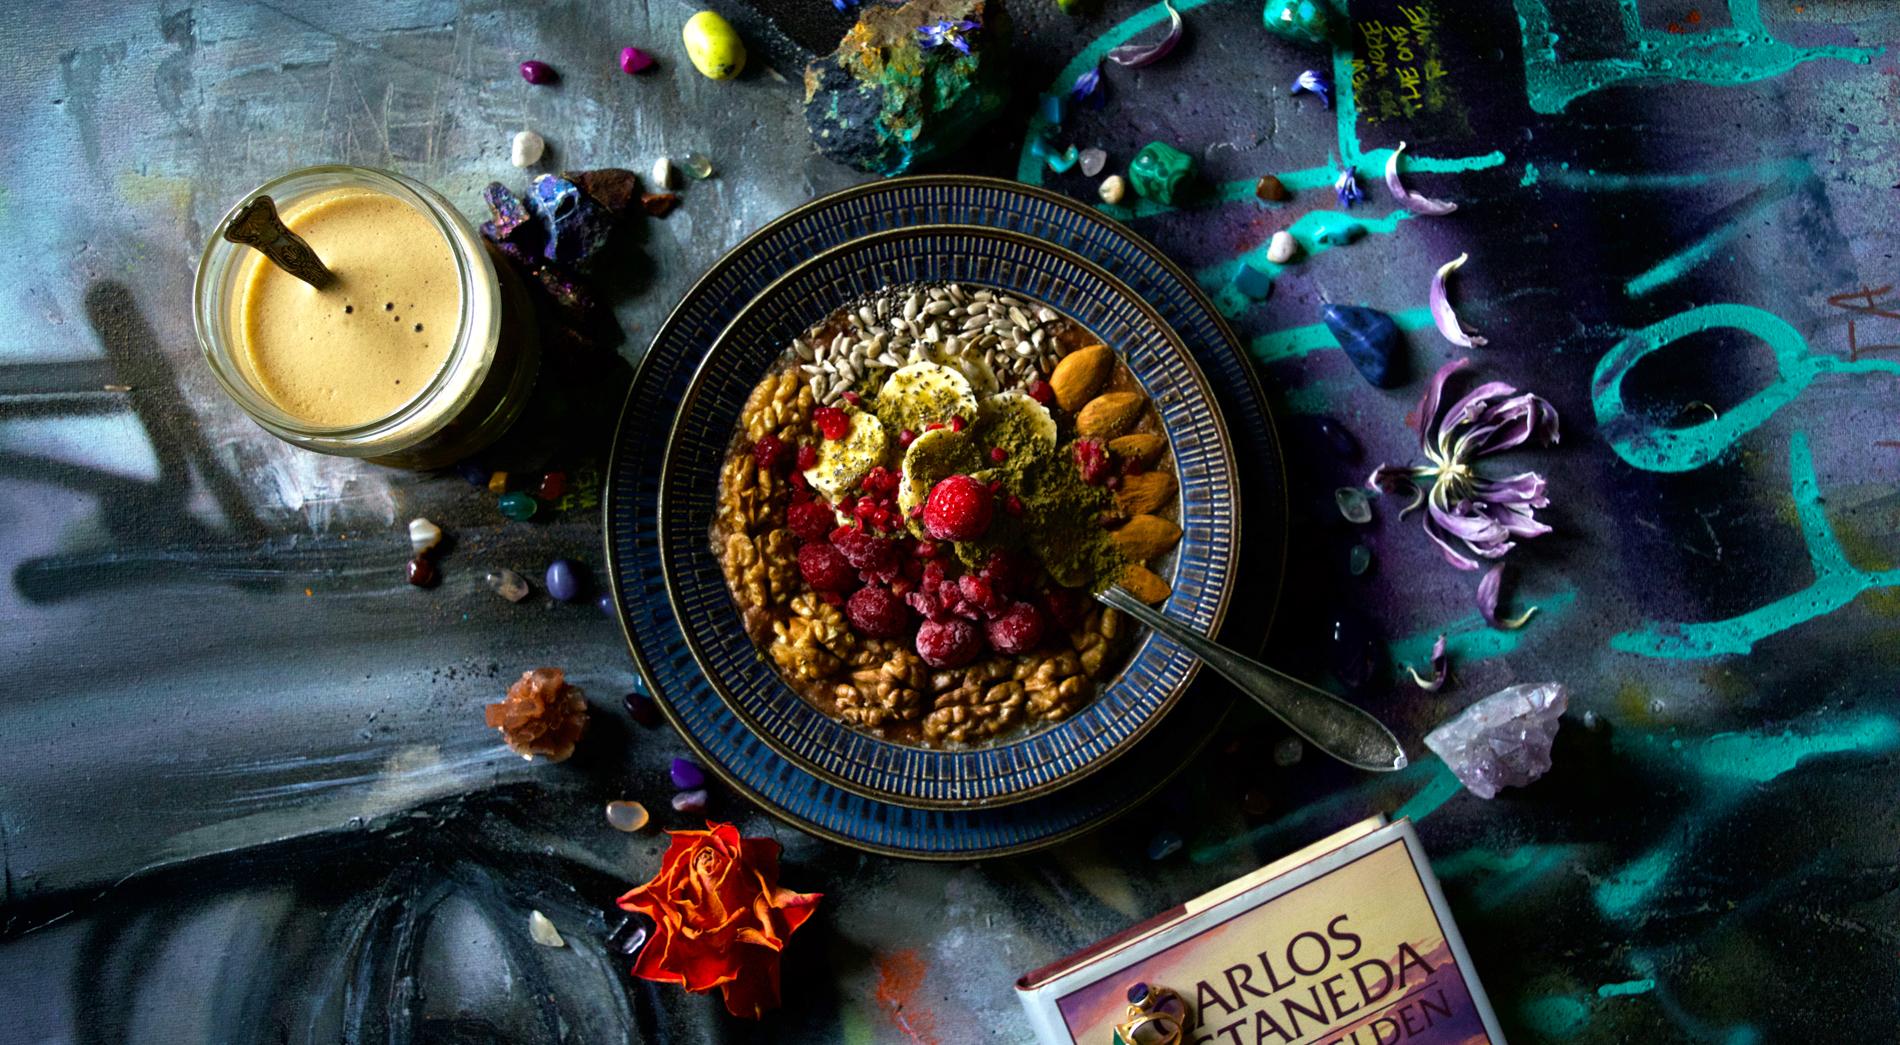 Vegansk frukost med mycket protein som smakar choklad och hallon! Tack Gud! Konst av CODE26